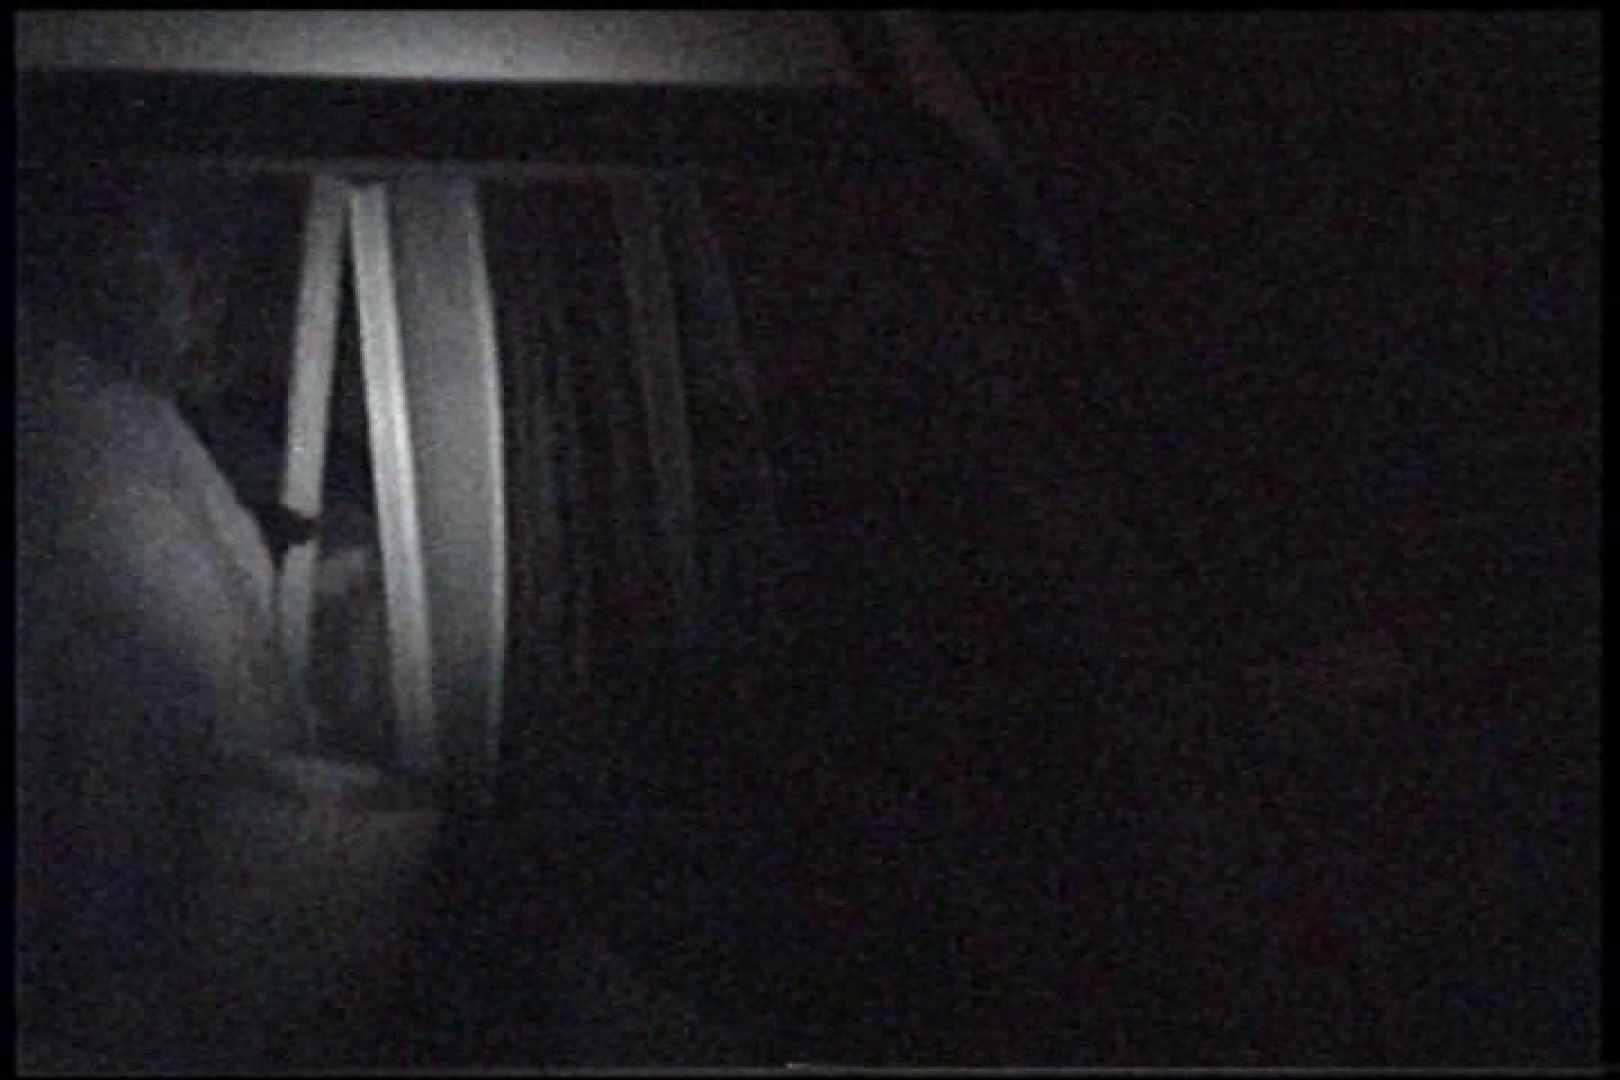 充血監督の深夜の運動会Vol.238 プライベート  105連発 87